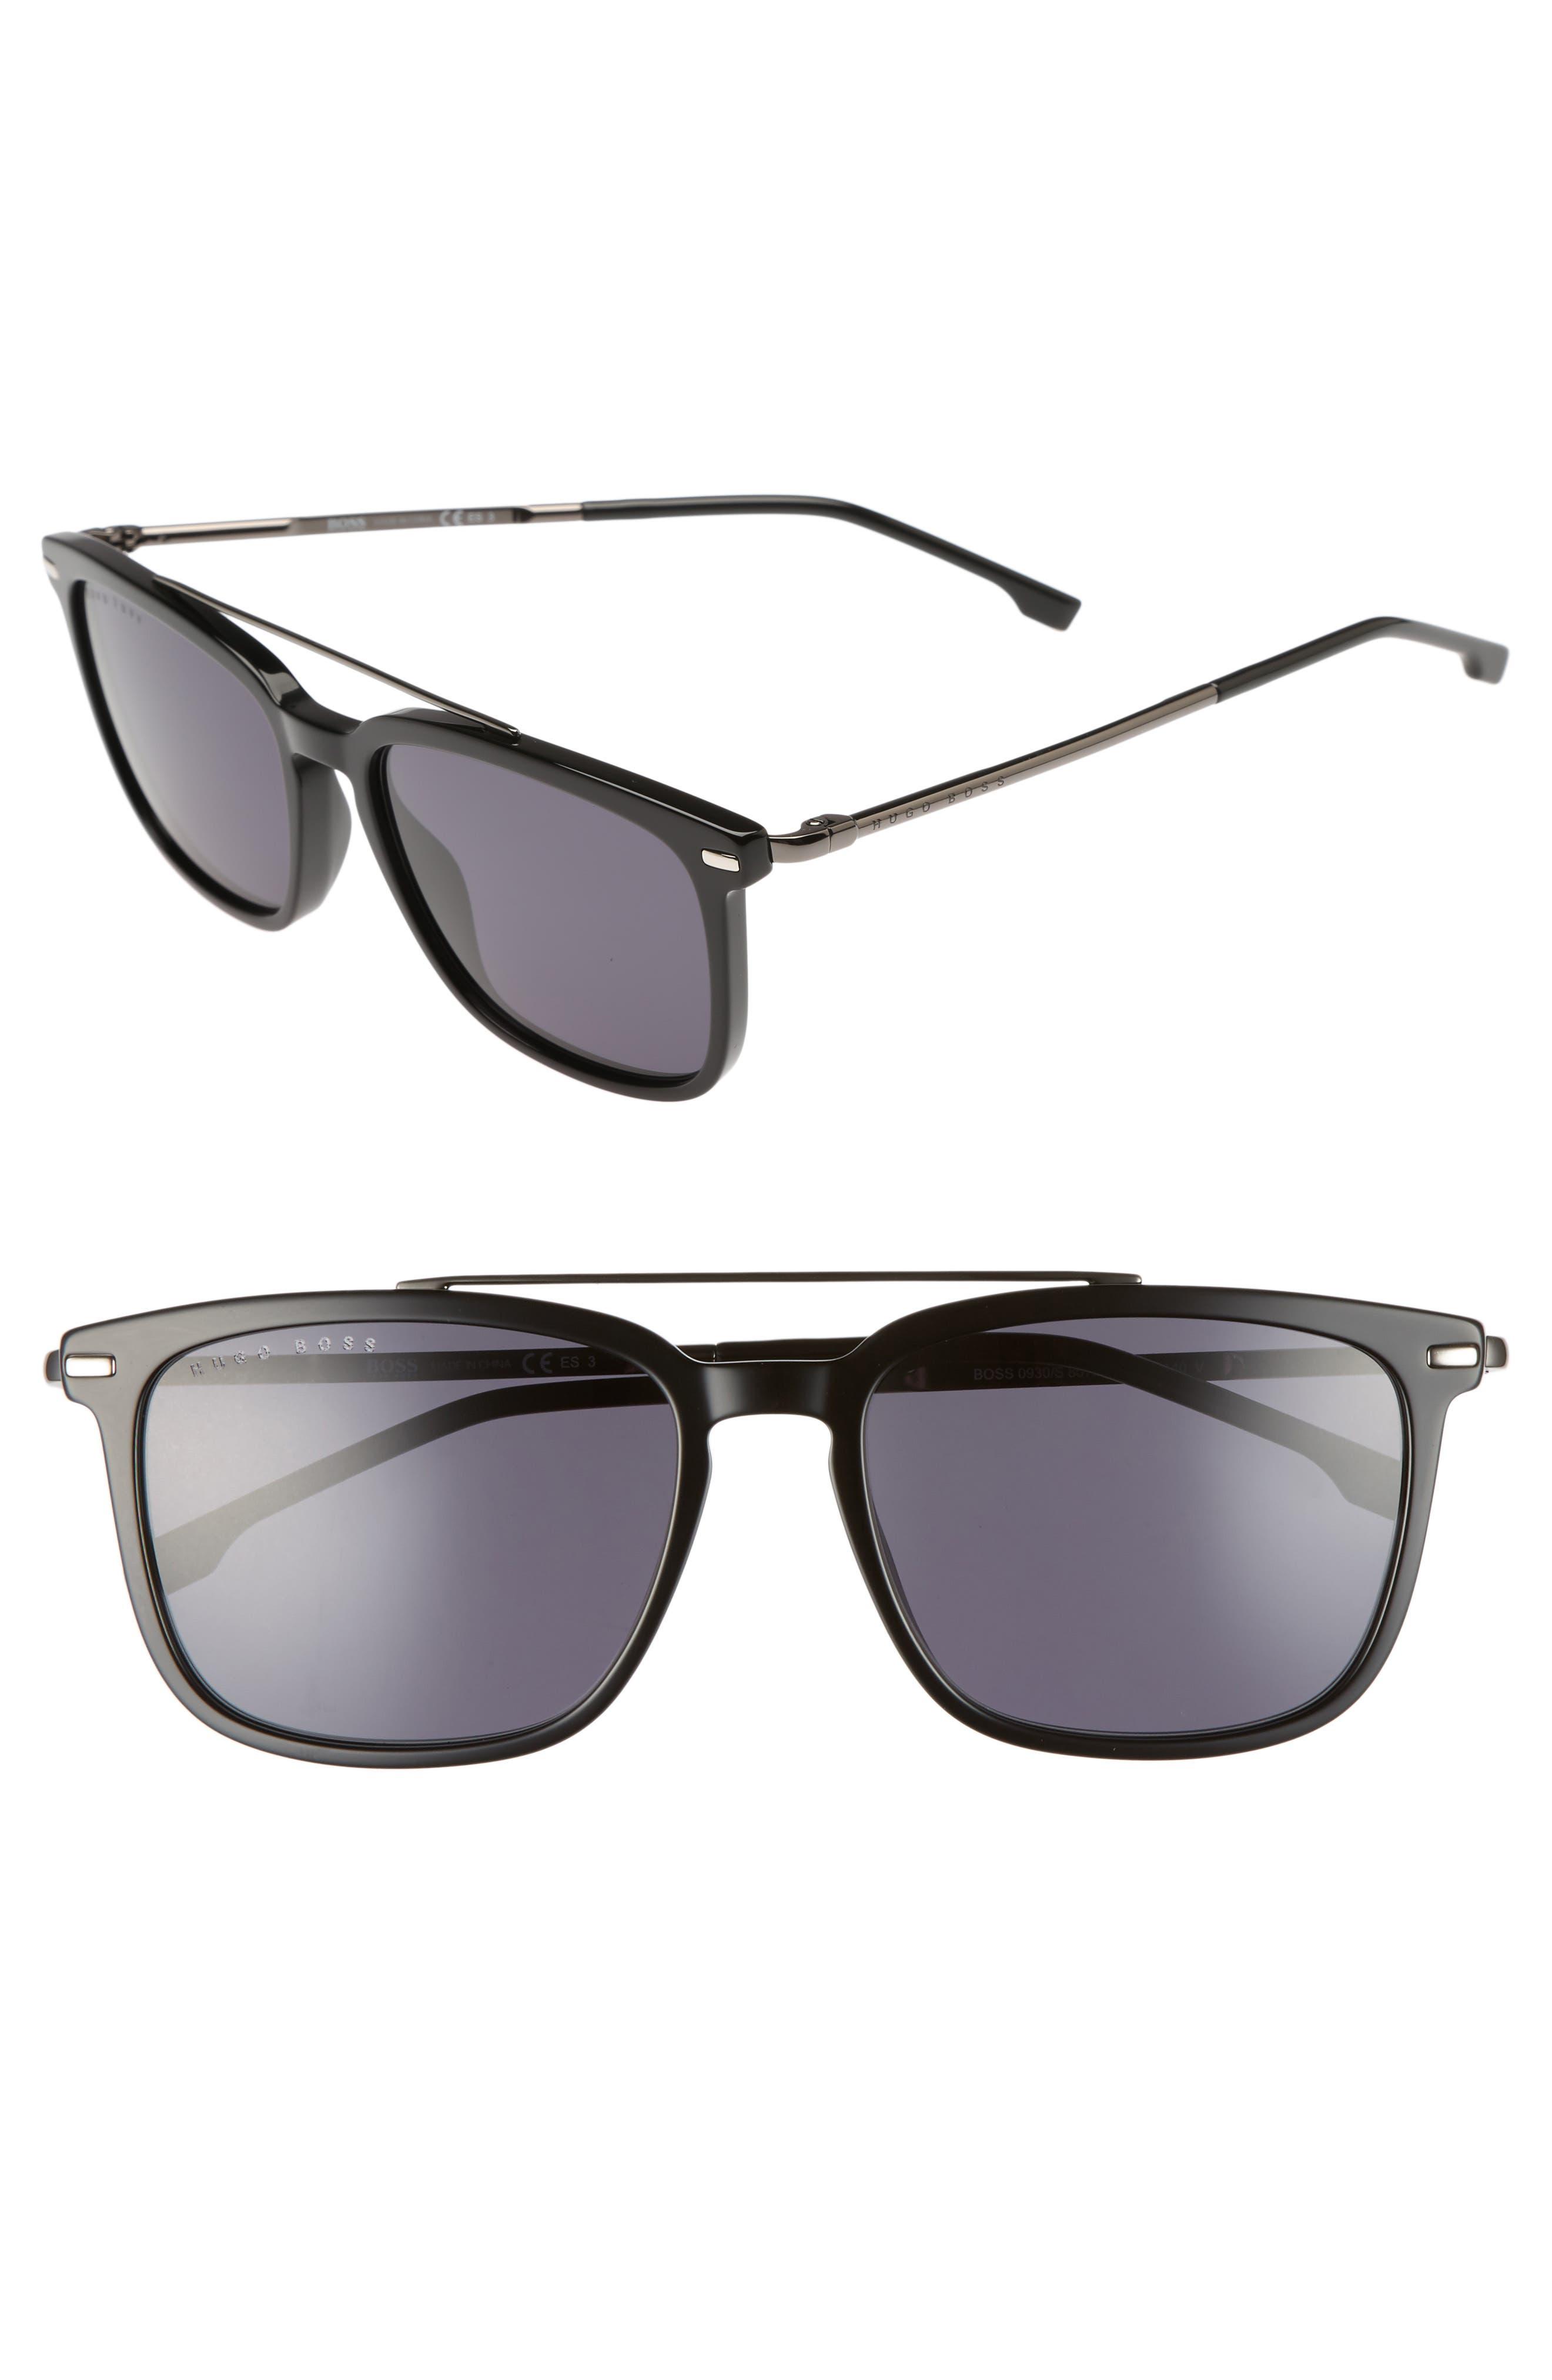 55mm Polarized Sunglasses,                             Main thumbnail 1, color,                             BLACK